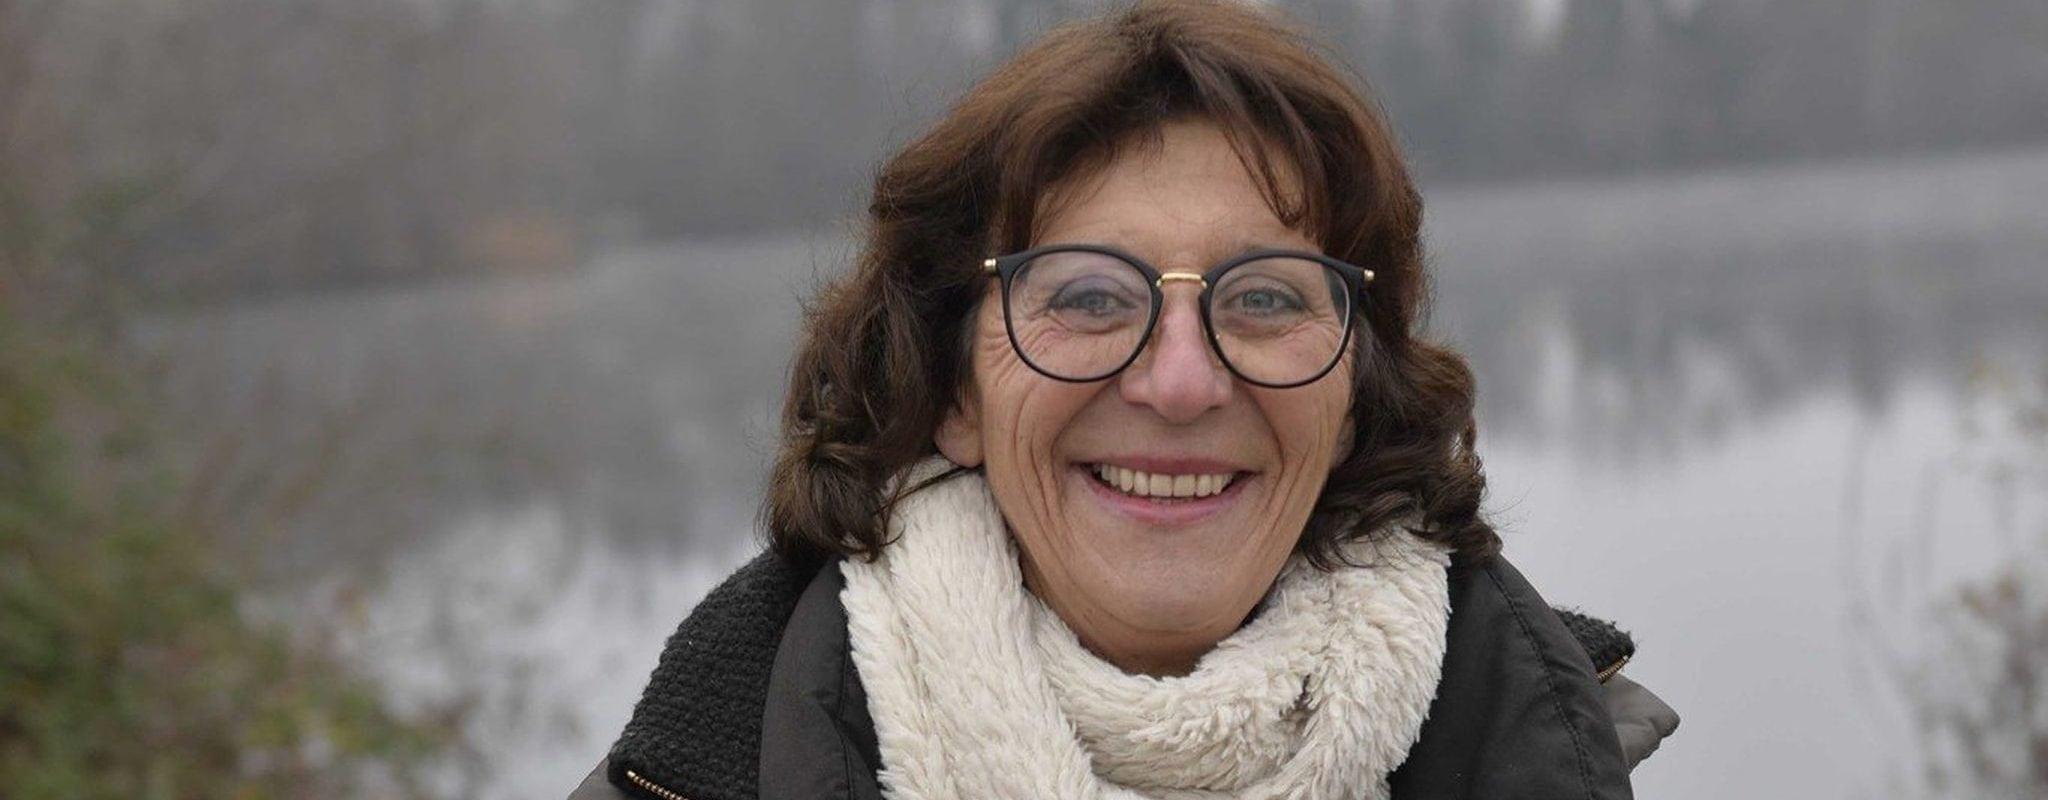 Fabienne Baas: «On rêve de retirer l'Unité de Valorisation énergétique, mais on en a besoin»